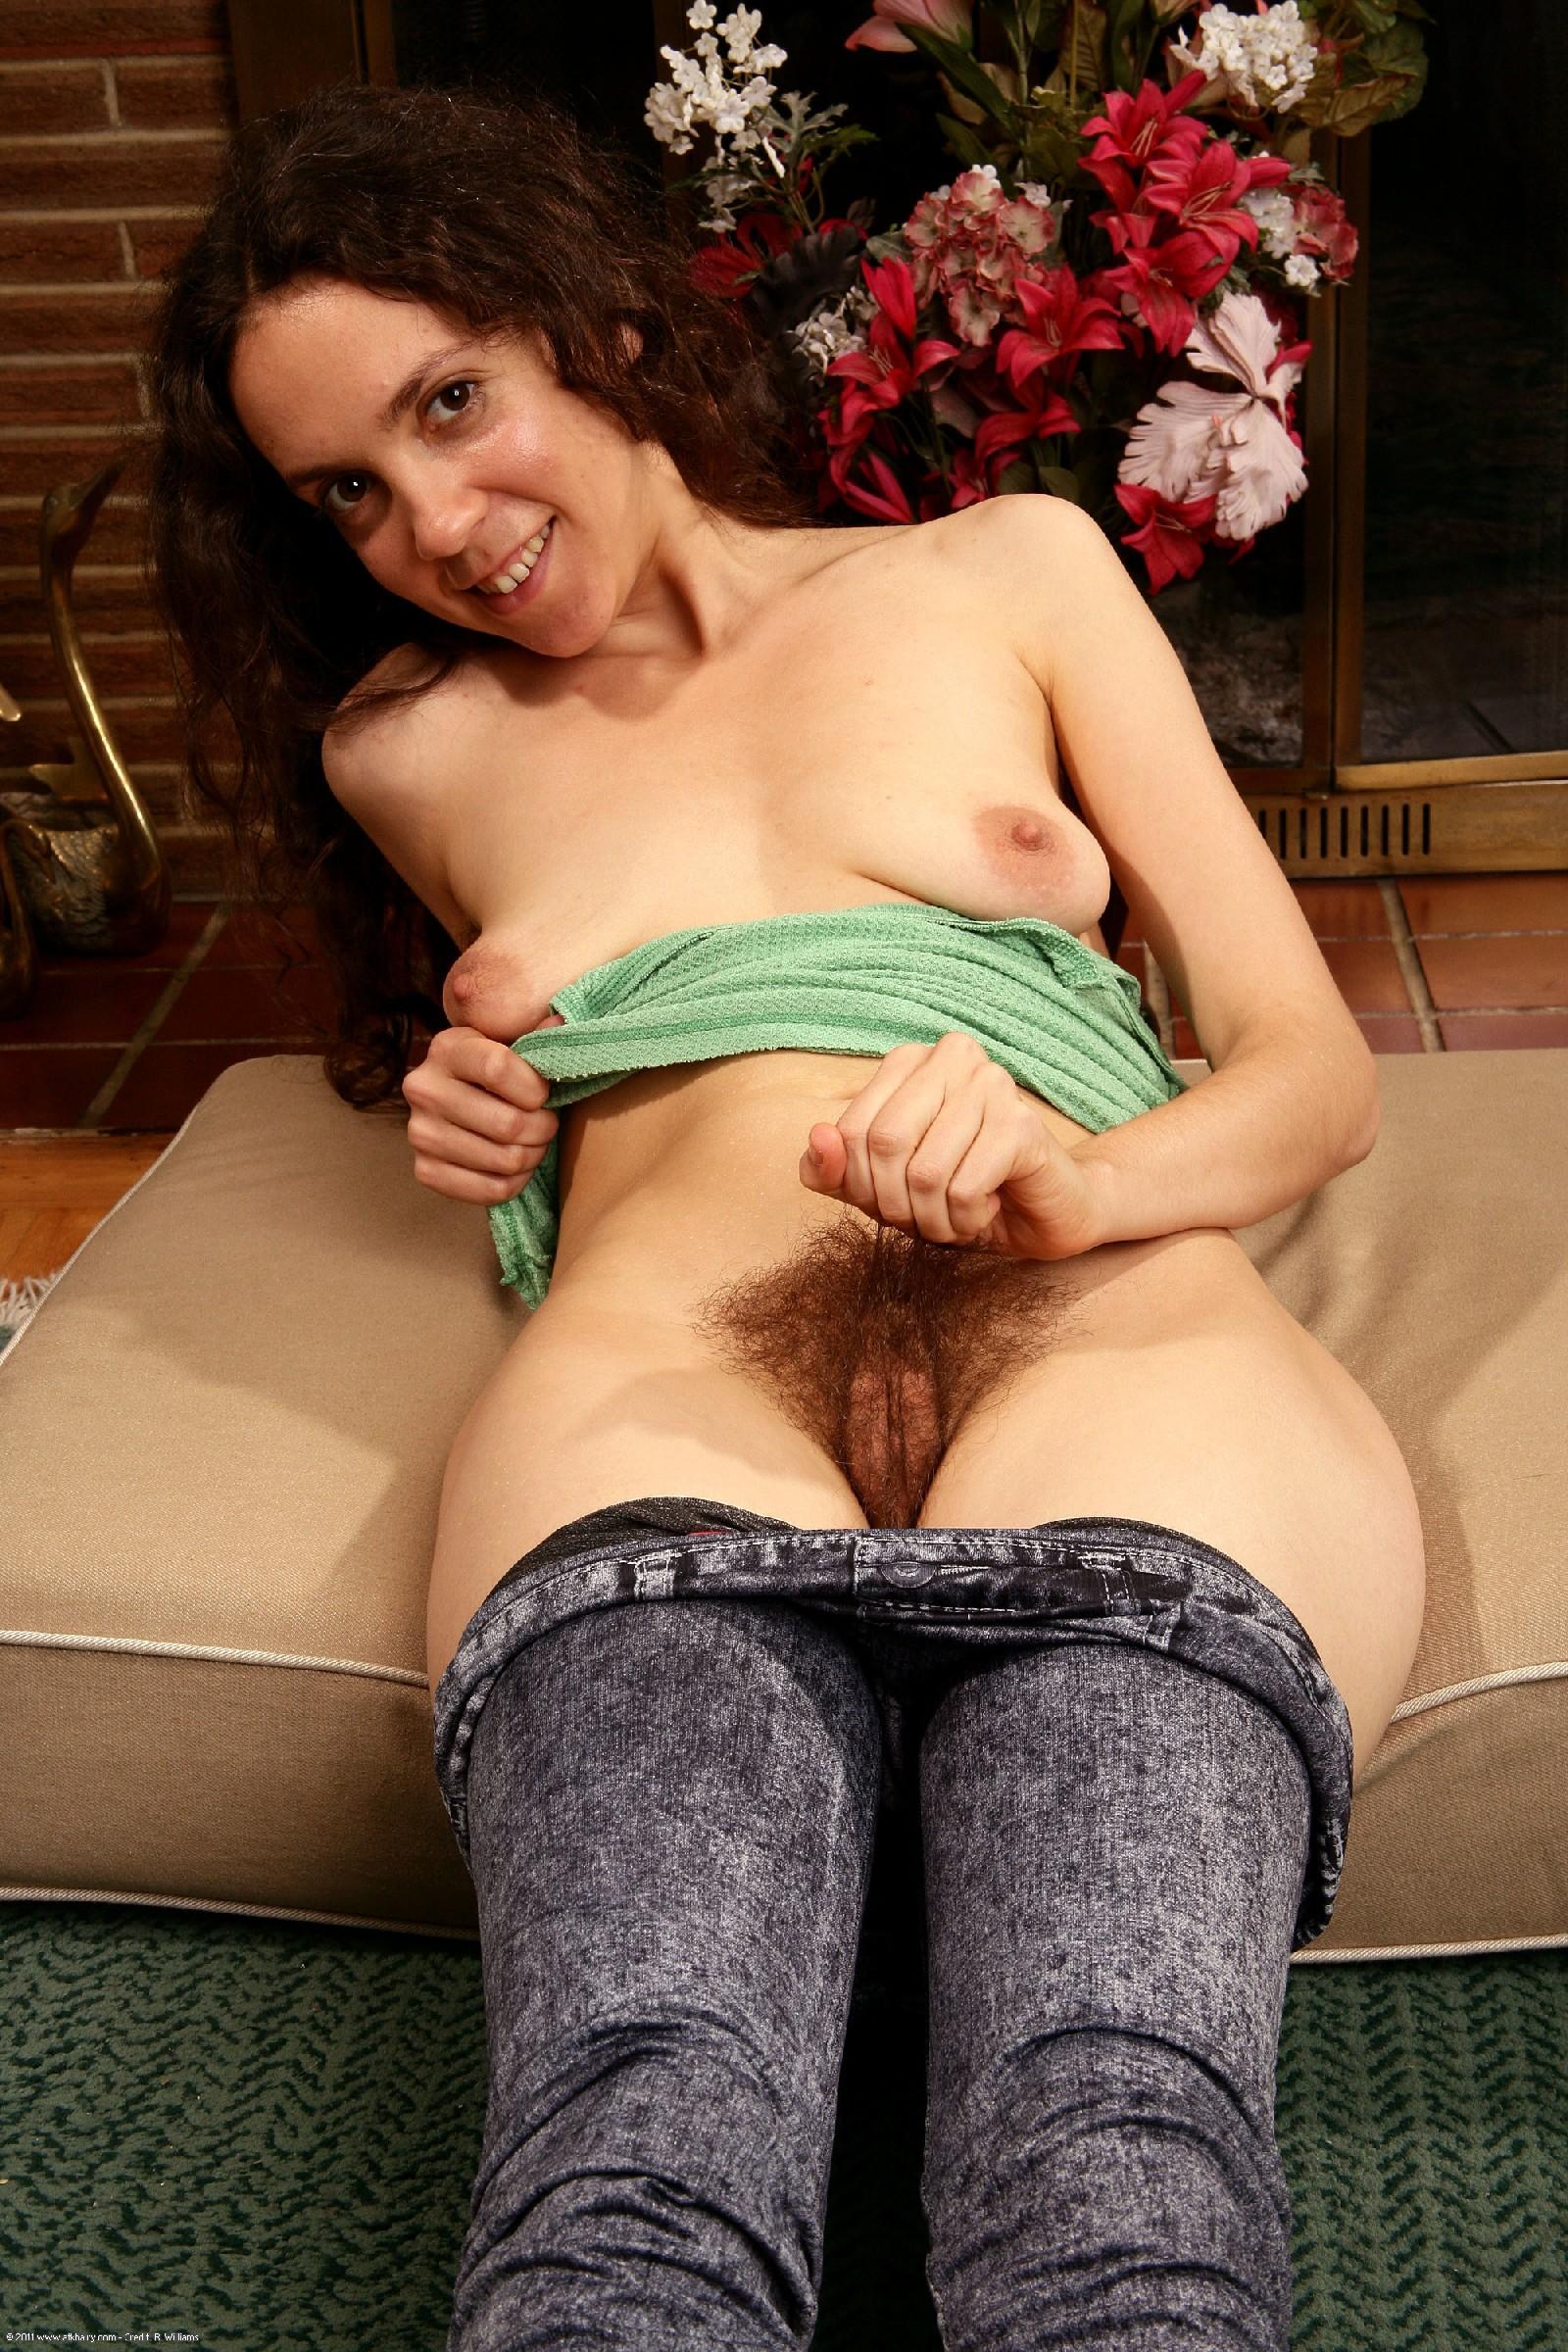 Зрелая дама с волосатыми подмышками и обвисшей грудью